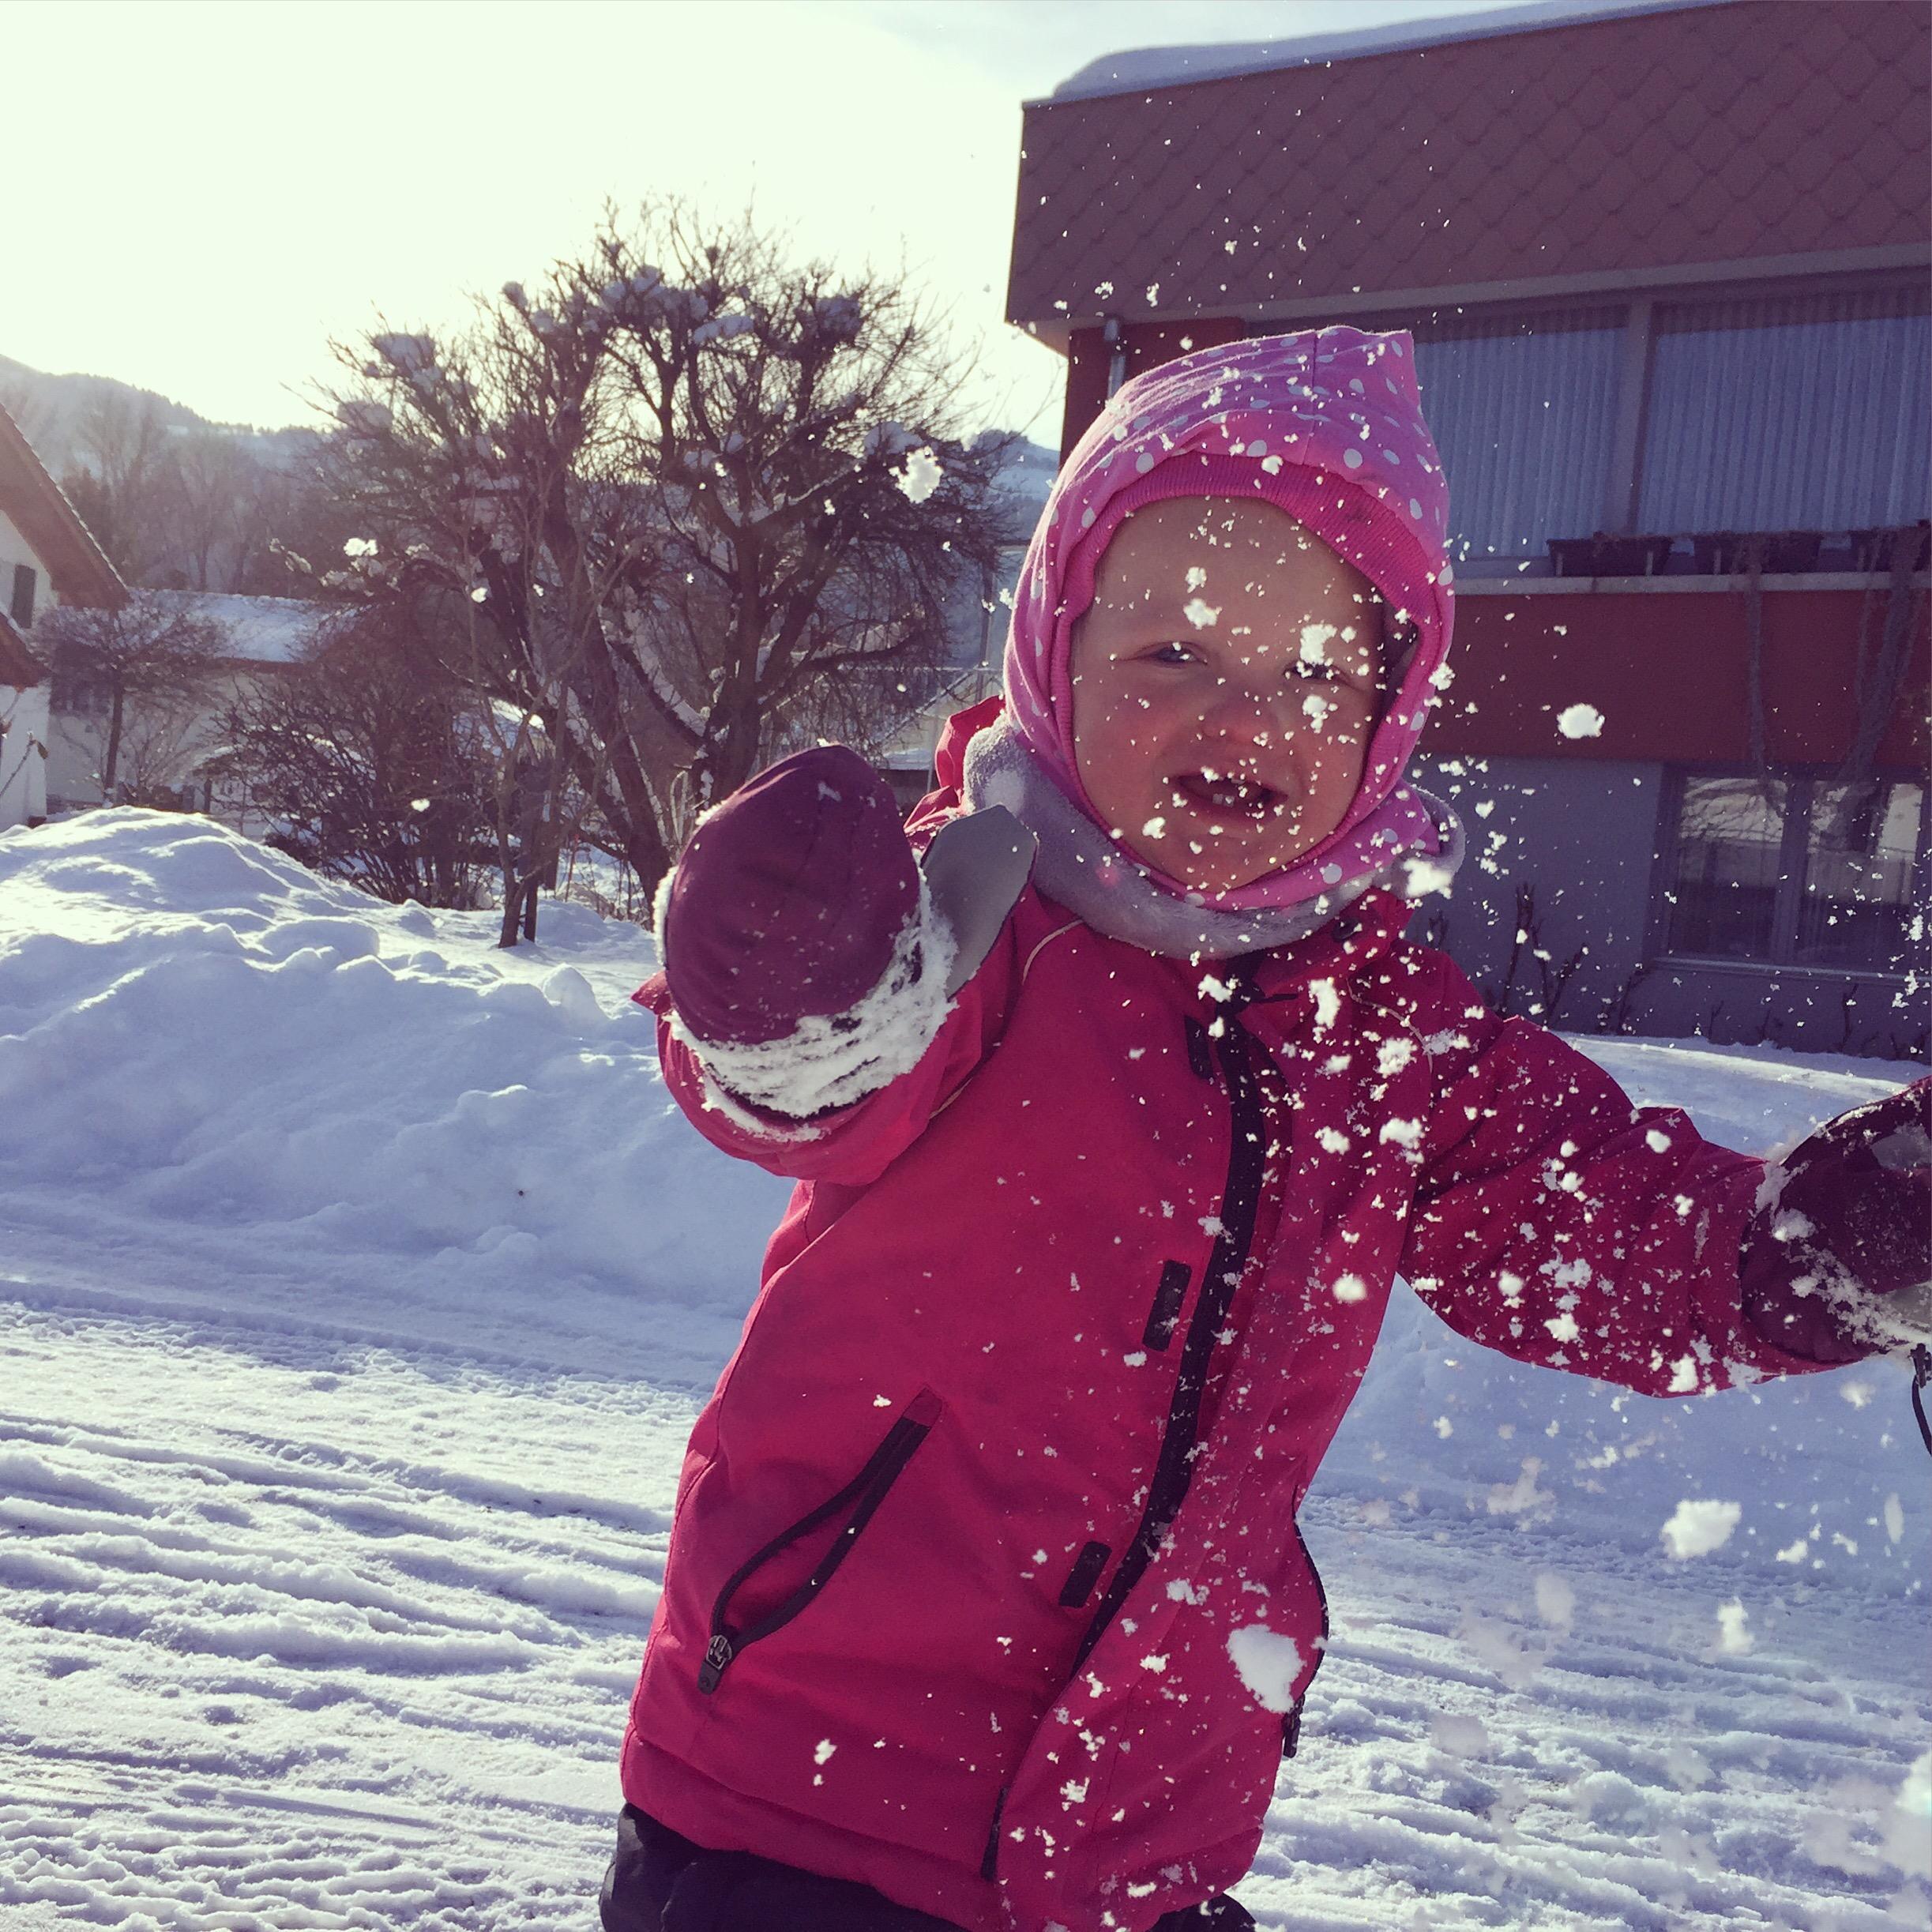 Liza ontdekt dat je ook sneeuwballen kunt maken en gooien